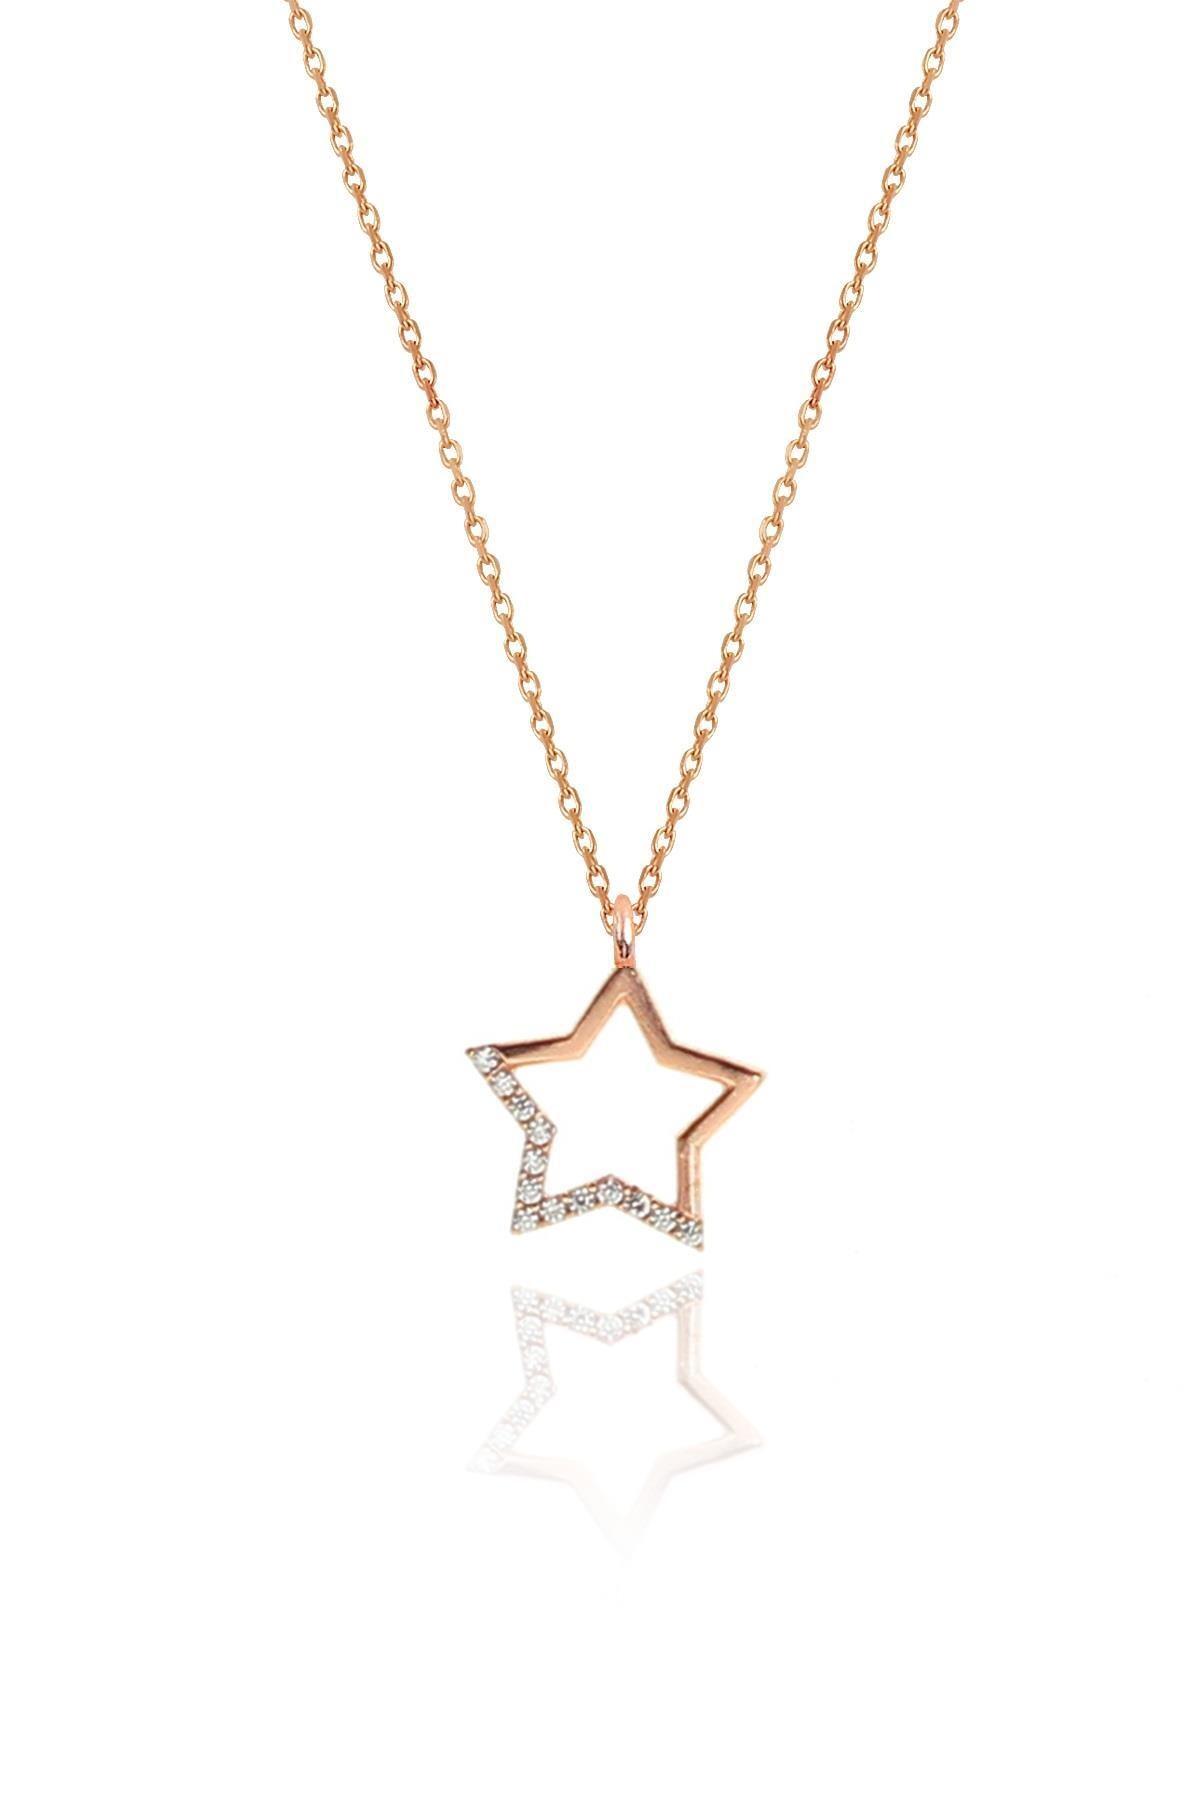 Söğütlü Silver Gümüş rose zirkon taşlı yıldız kolye ve küpe gümüş ikili set 1